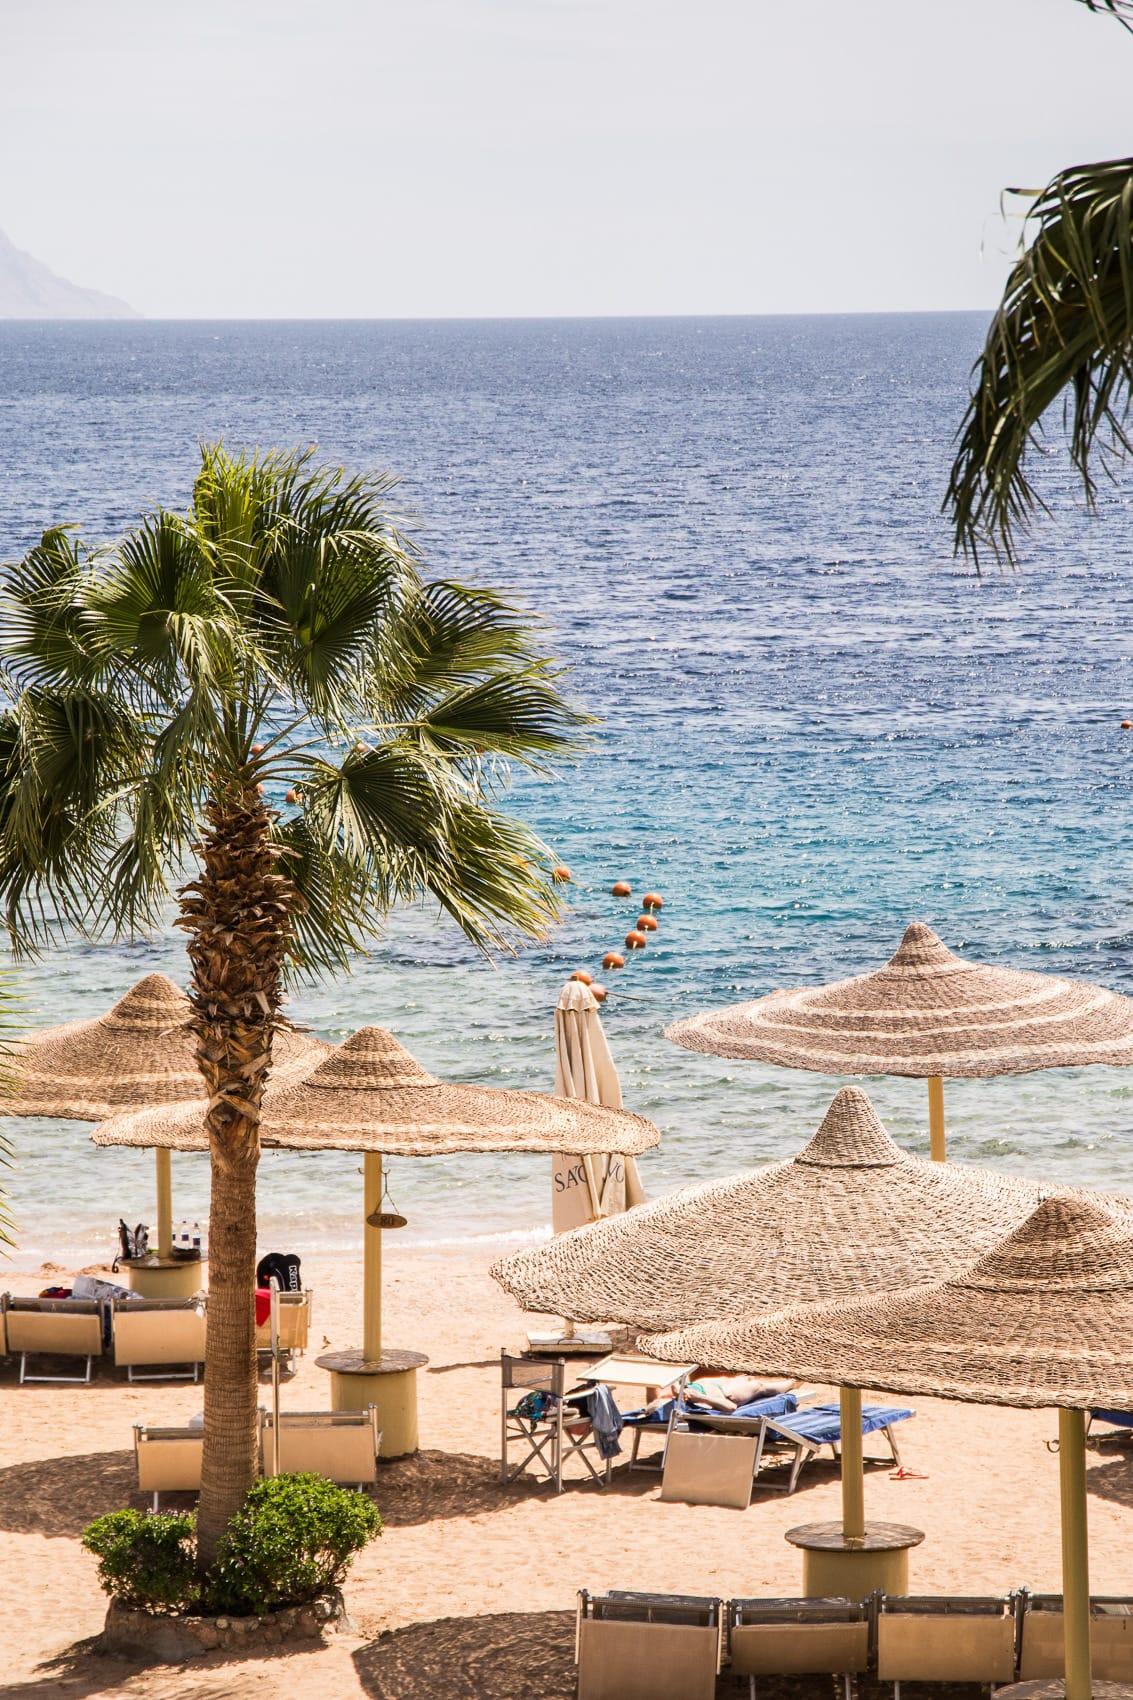 Sterne Hotel Sharm El Sheikh